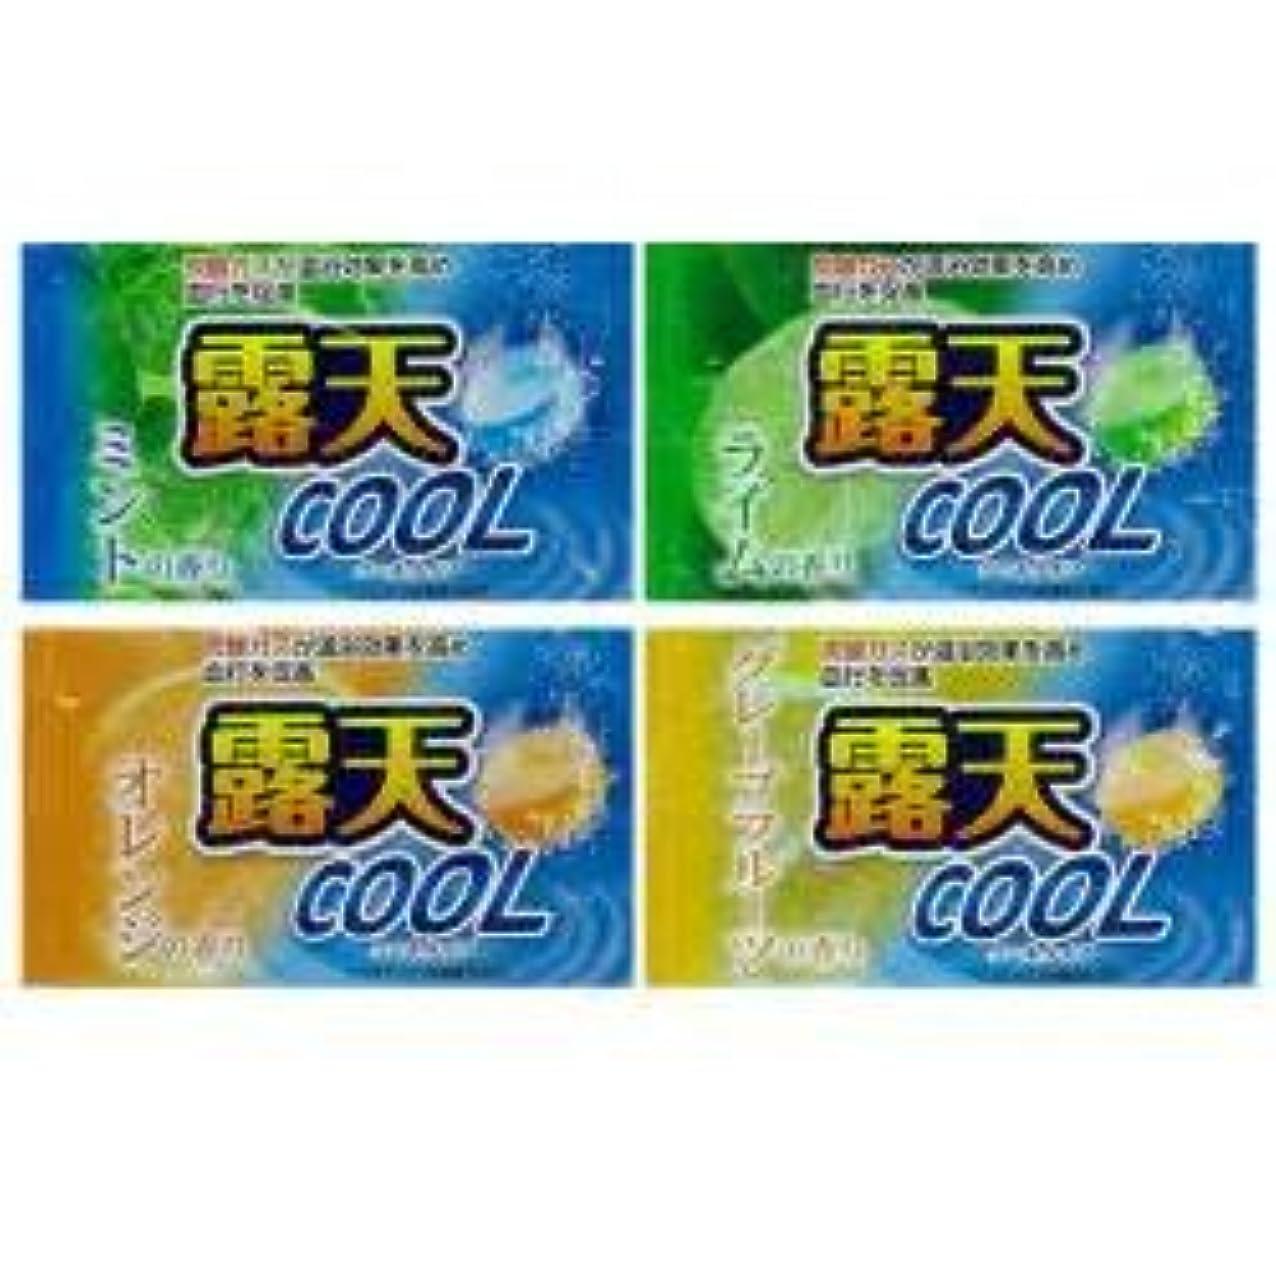 にはまってスープ適度に薬用発泡入浴剤 露天クール 4種×3 12個